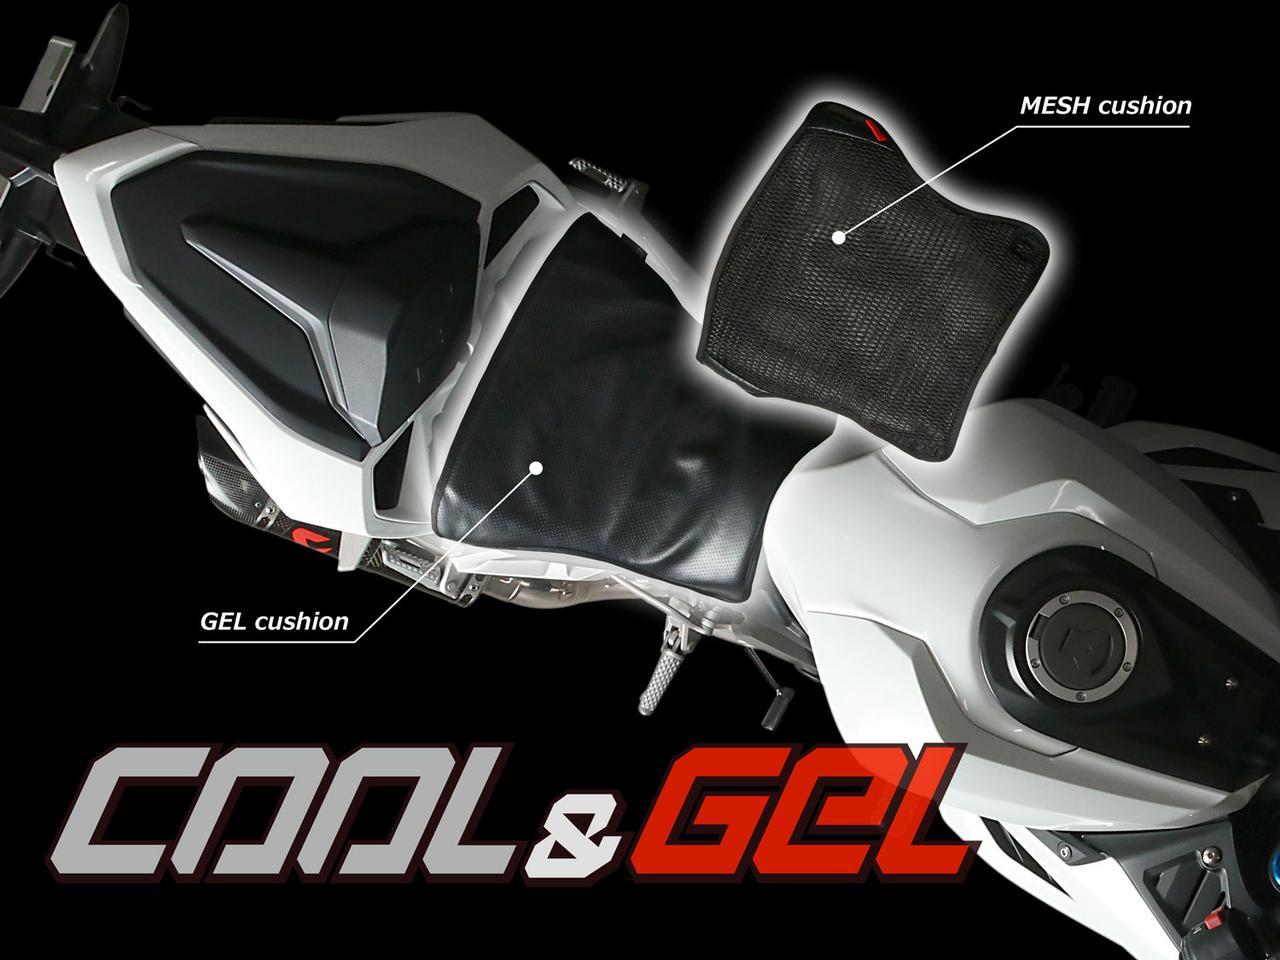 画像: DSC443-BK バイク用シートクッションセット クール&ゲル - DOPPELGANGER(ドッペルギャンガー)